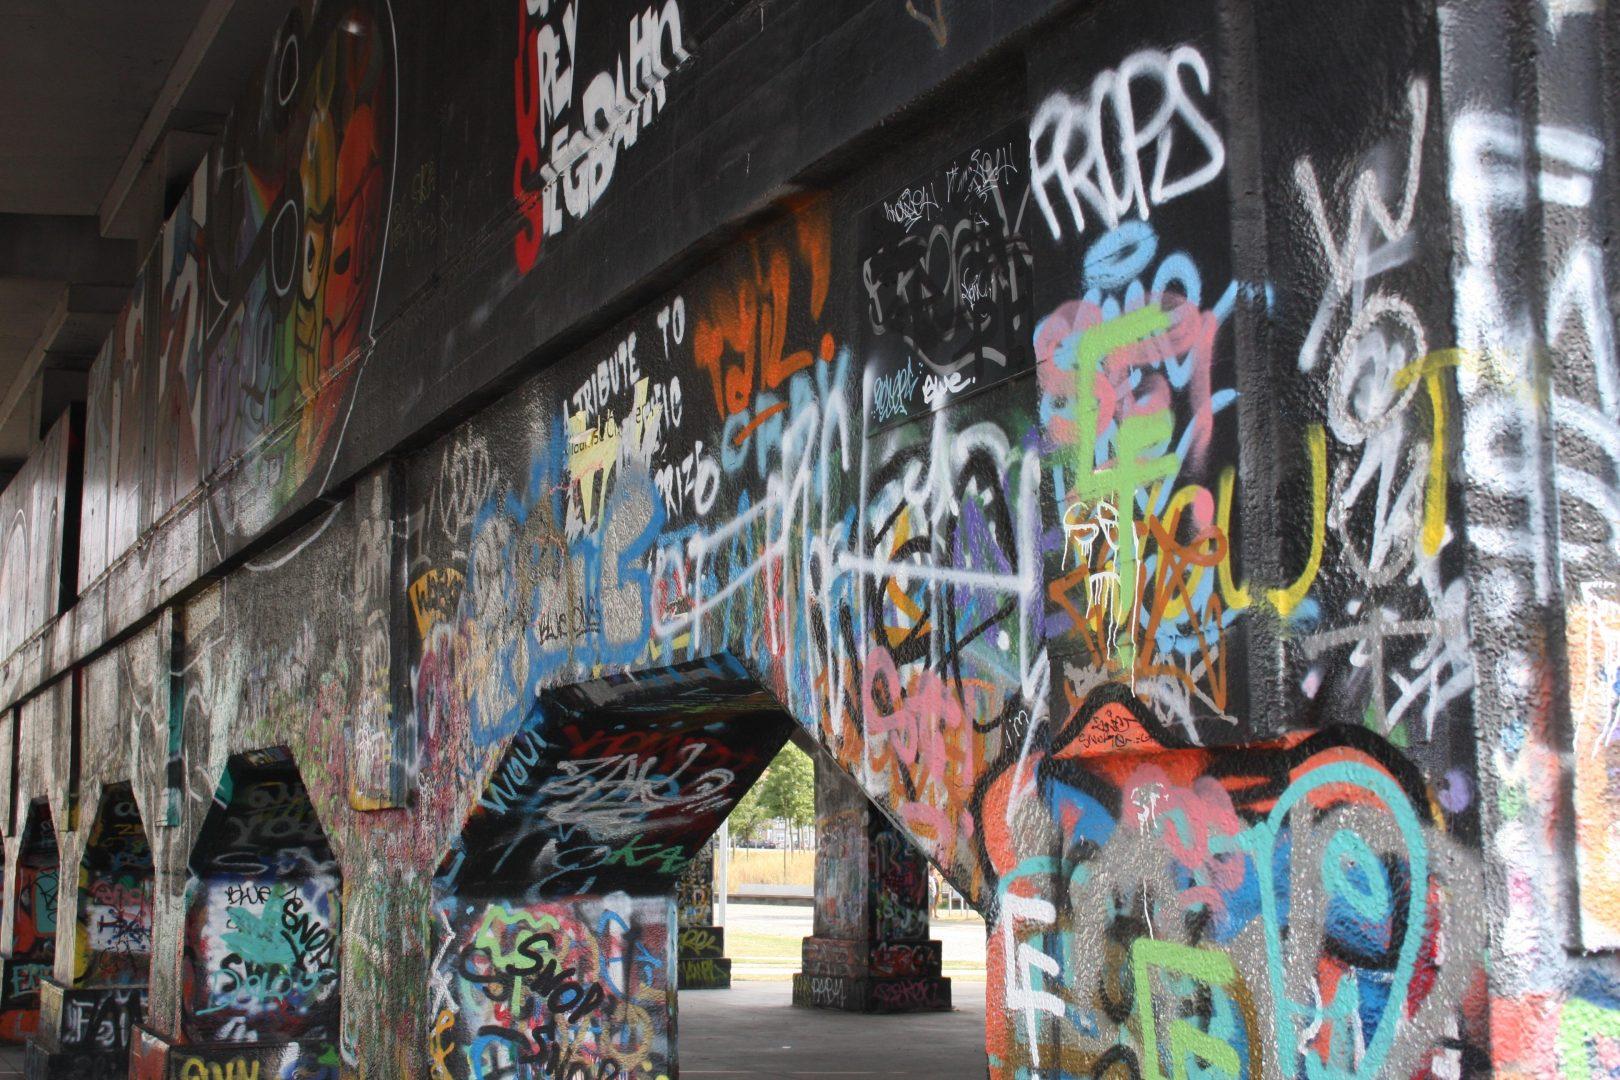 IMG 5830 - Op stap  |  Park Spoor Noord in Antwerpen